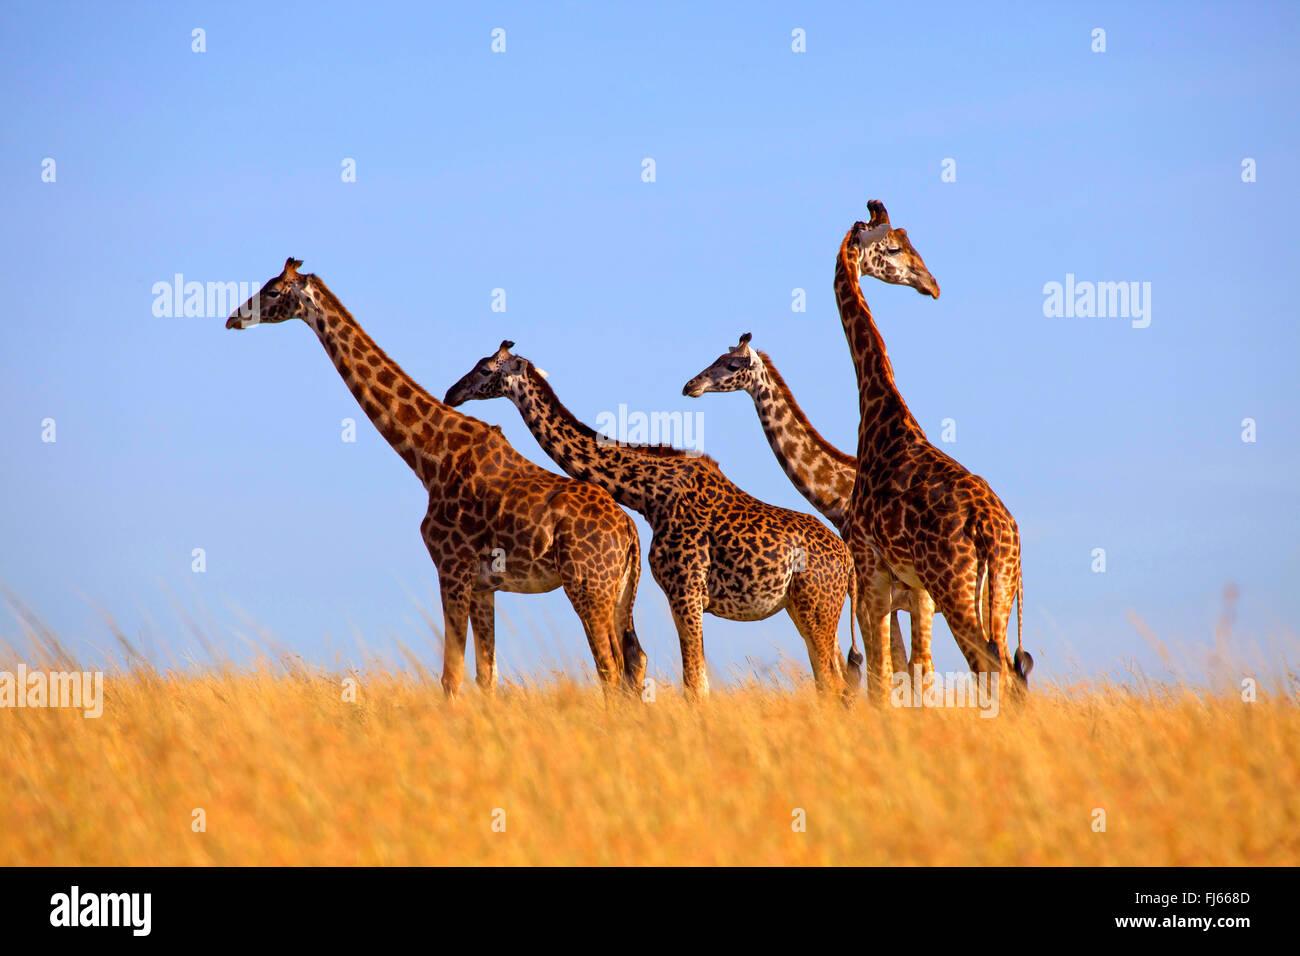 Masai giraffe (Giraffa camelopardalis tippelskirchi), four giraffes stand in savannah, Kenya, Masai Mara National - Stock Image